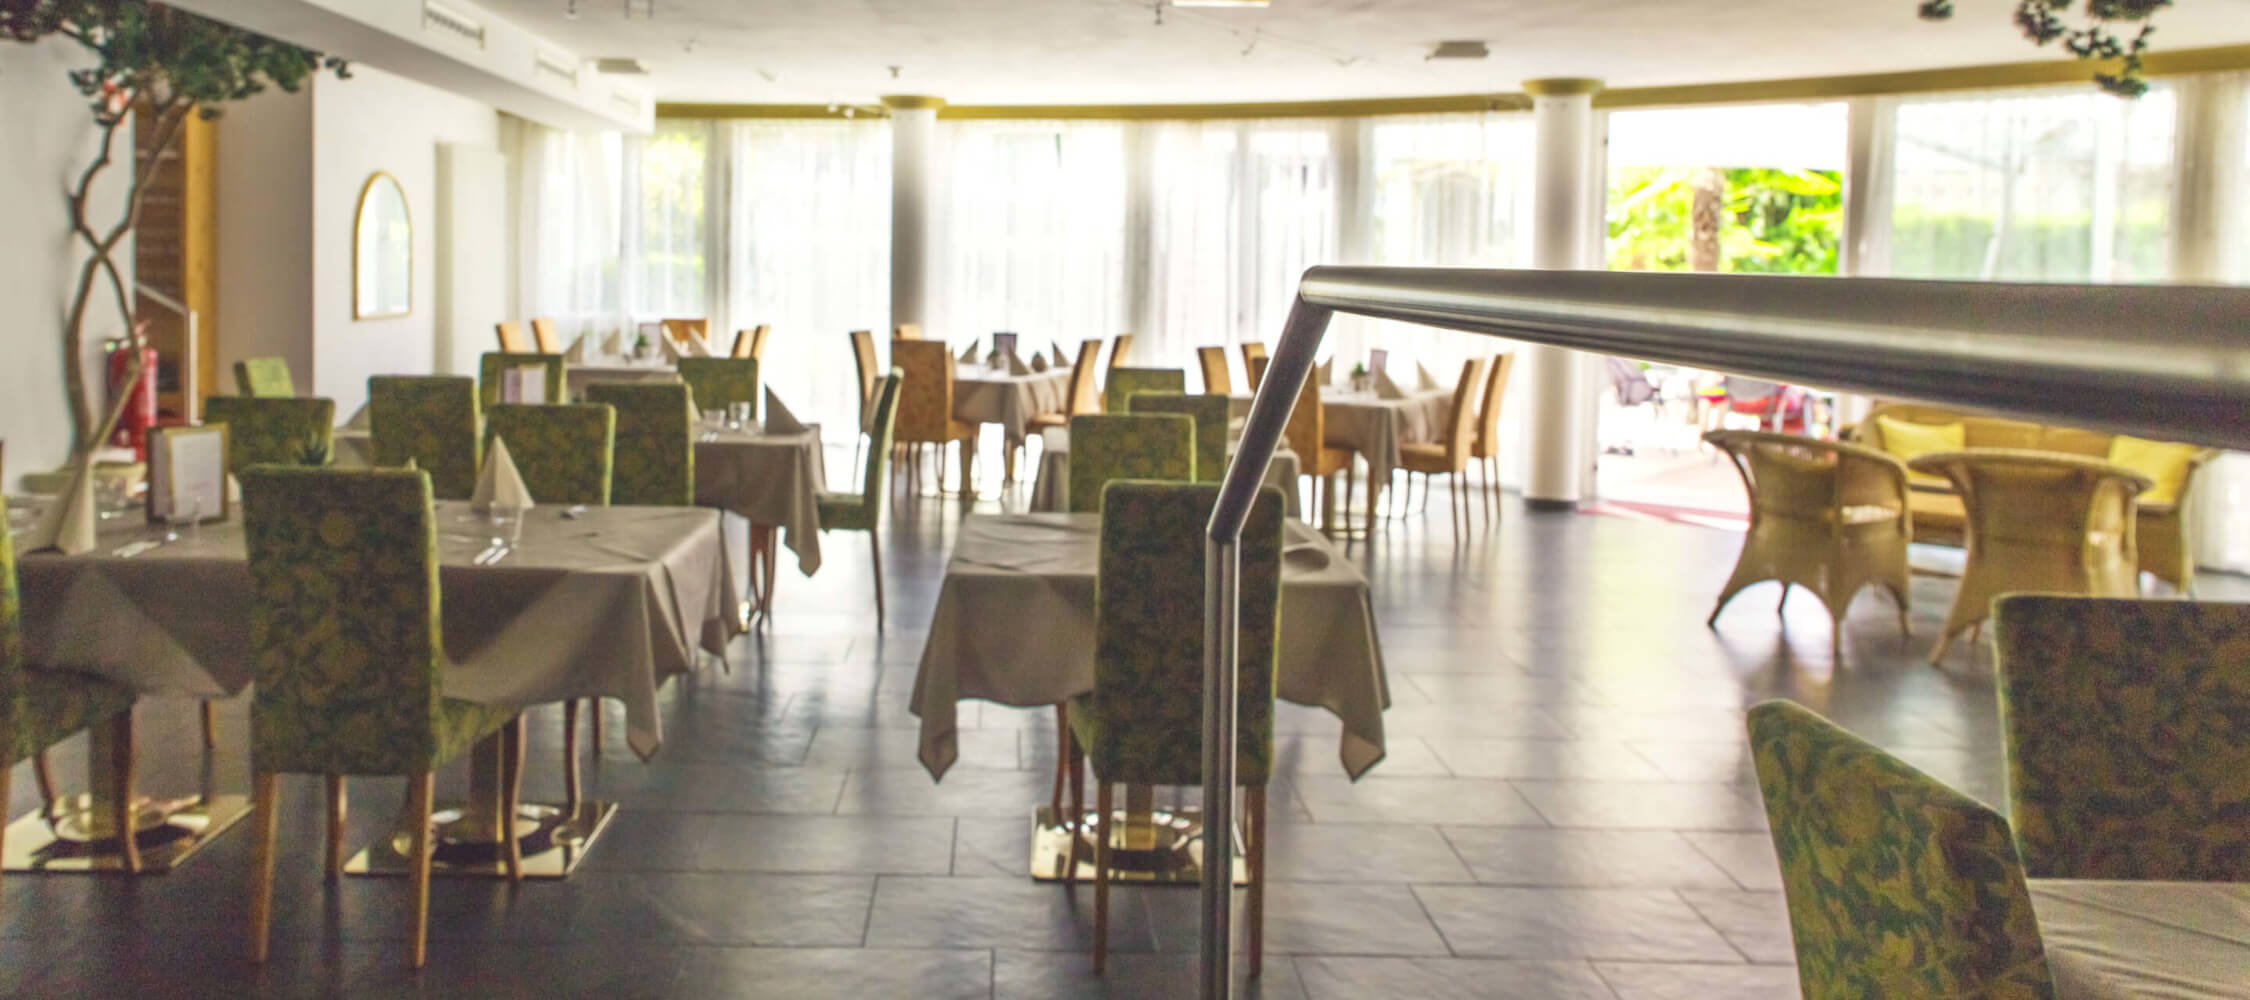 Hotel-Villa-Laurus-Merano-Bar-Anguane-6794-2250x1000